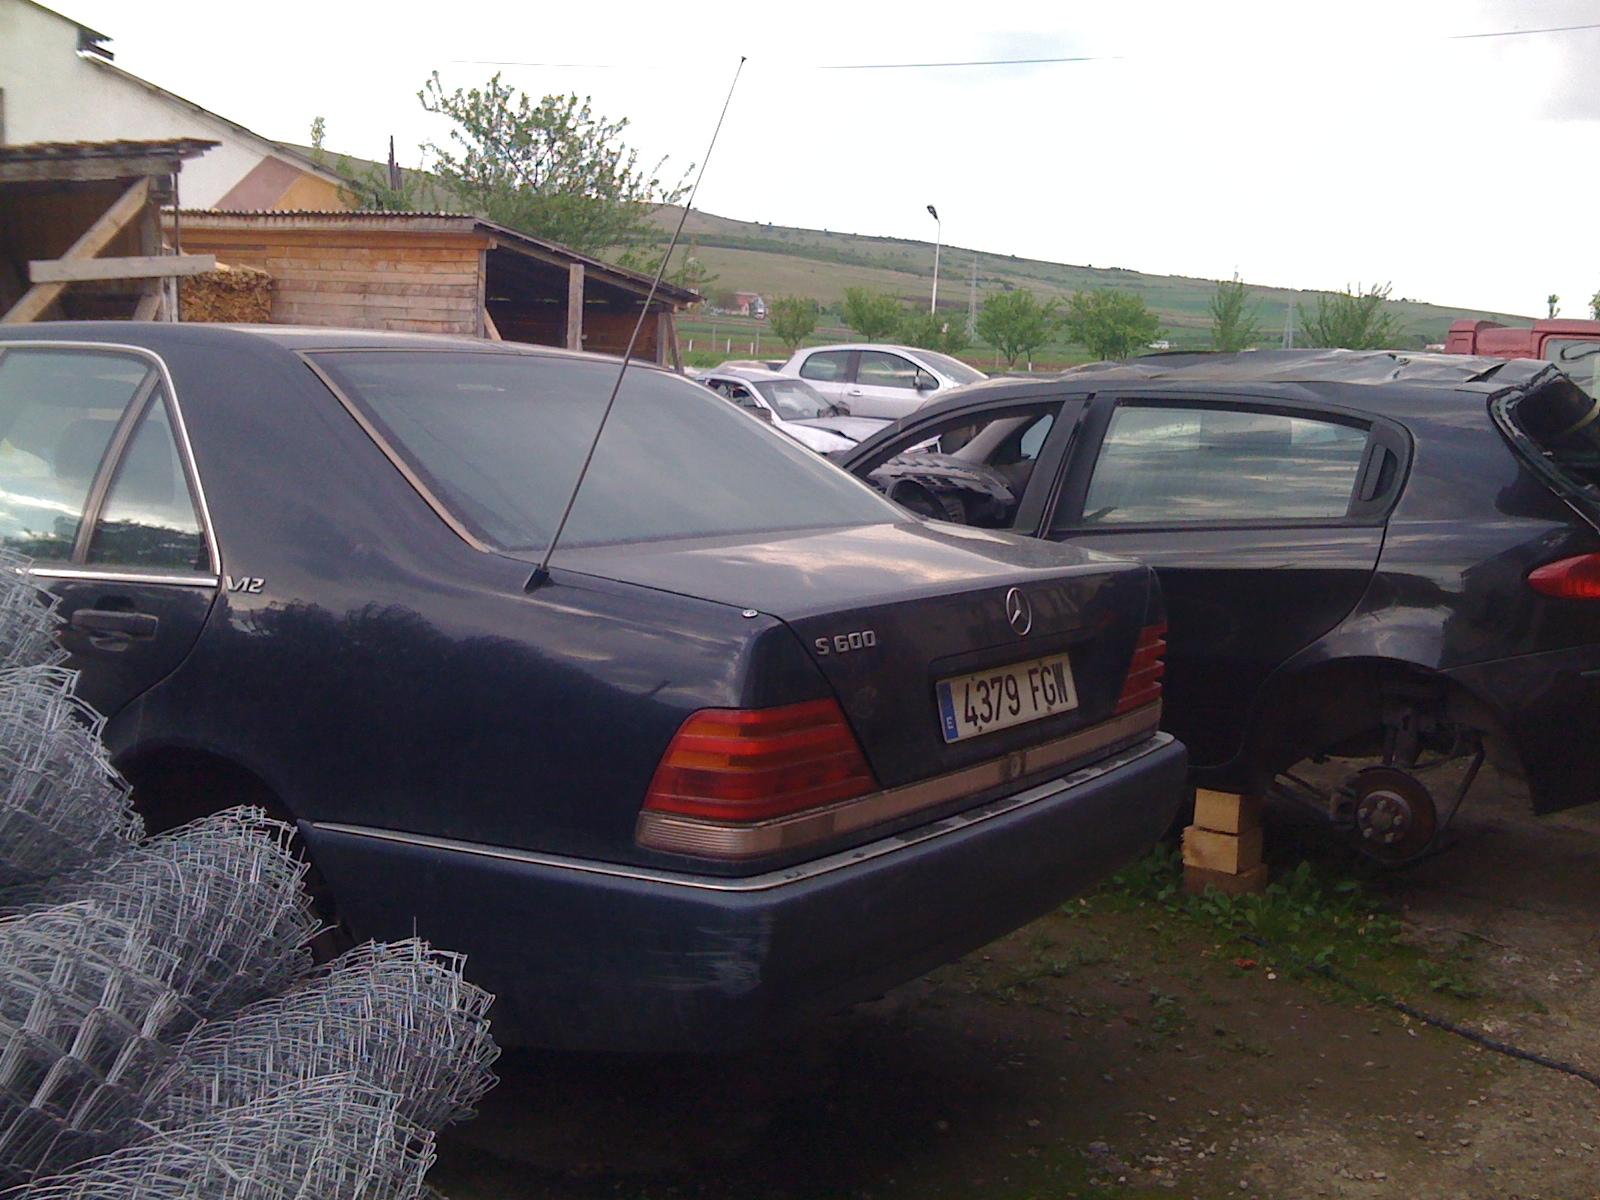 Mercedes S320 avariat 1991 Benzina Berlina - 10 Mai 2011 - Poza 1